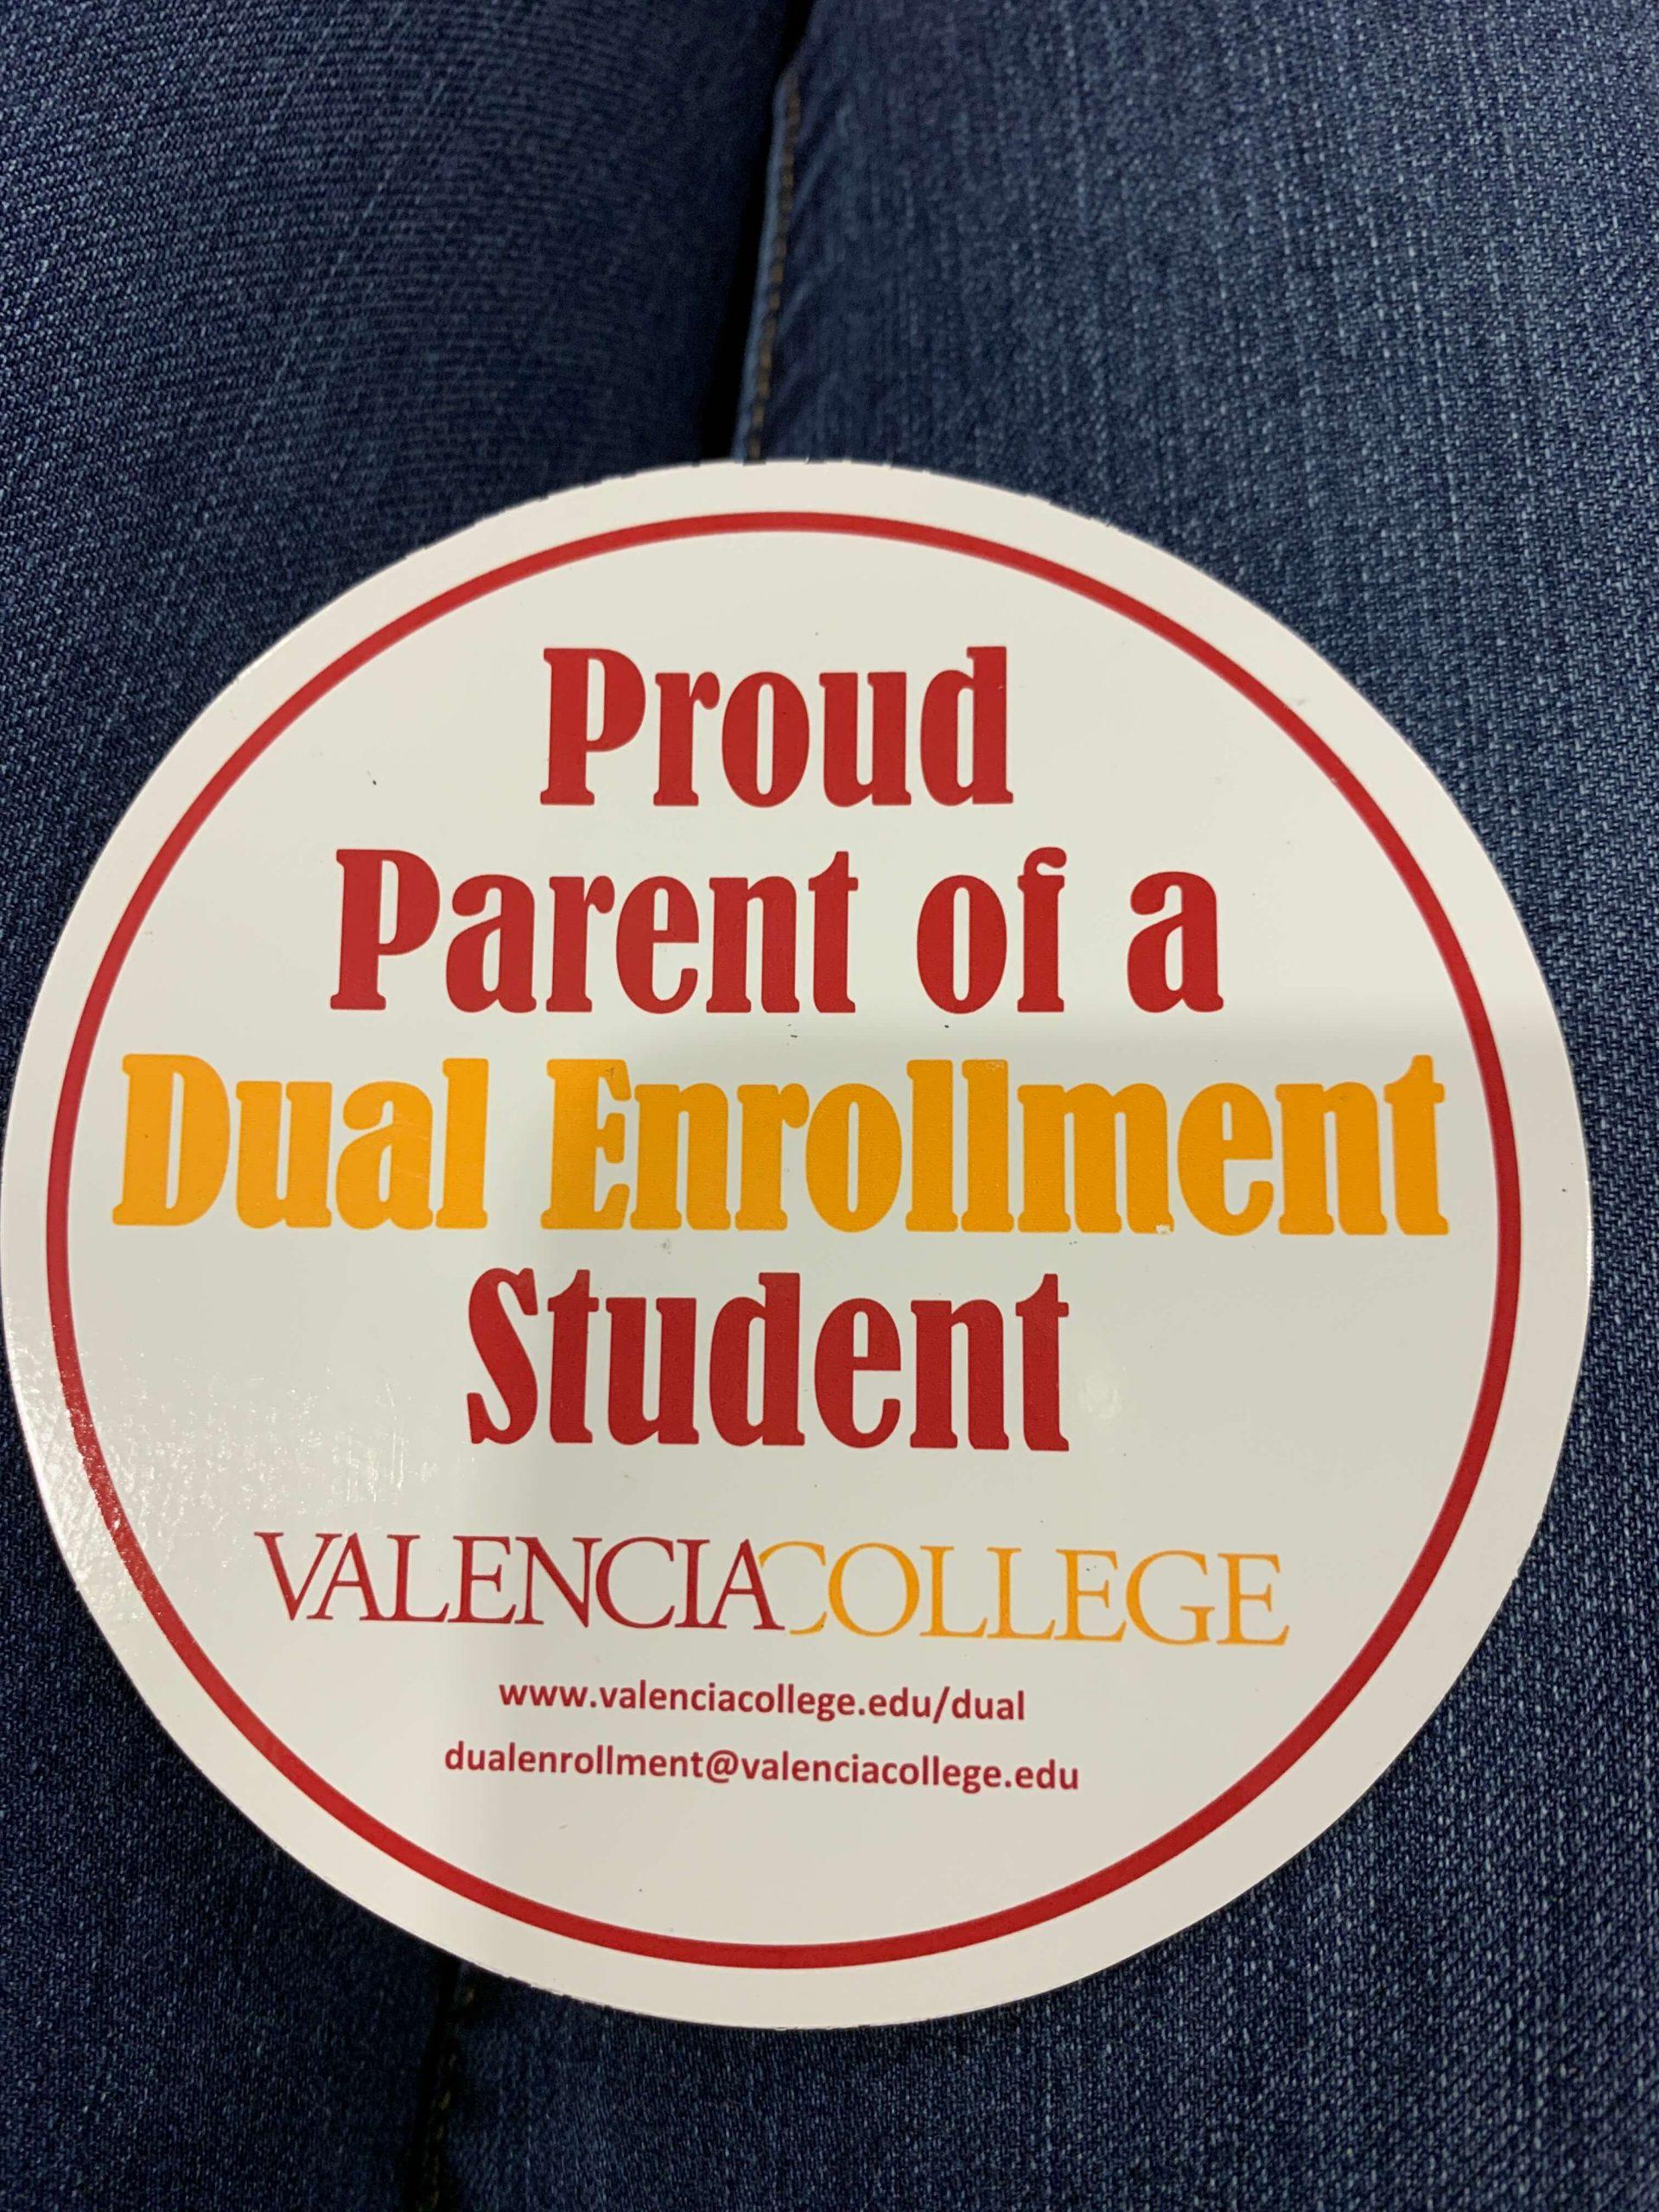 Dual Enrollment Student